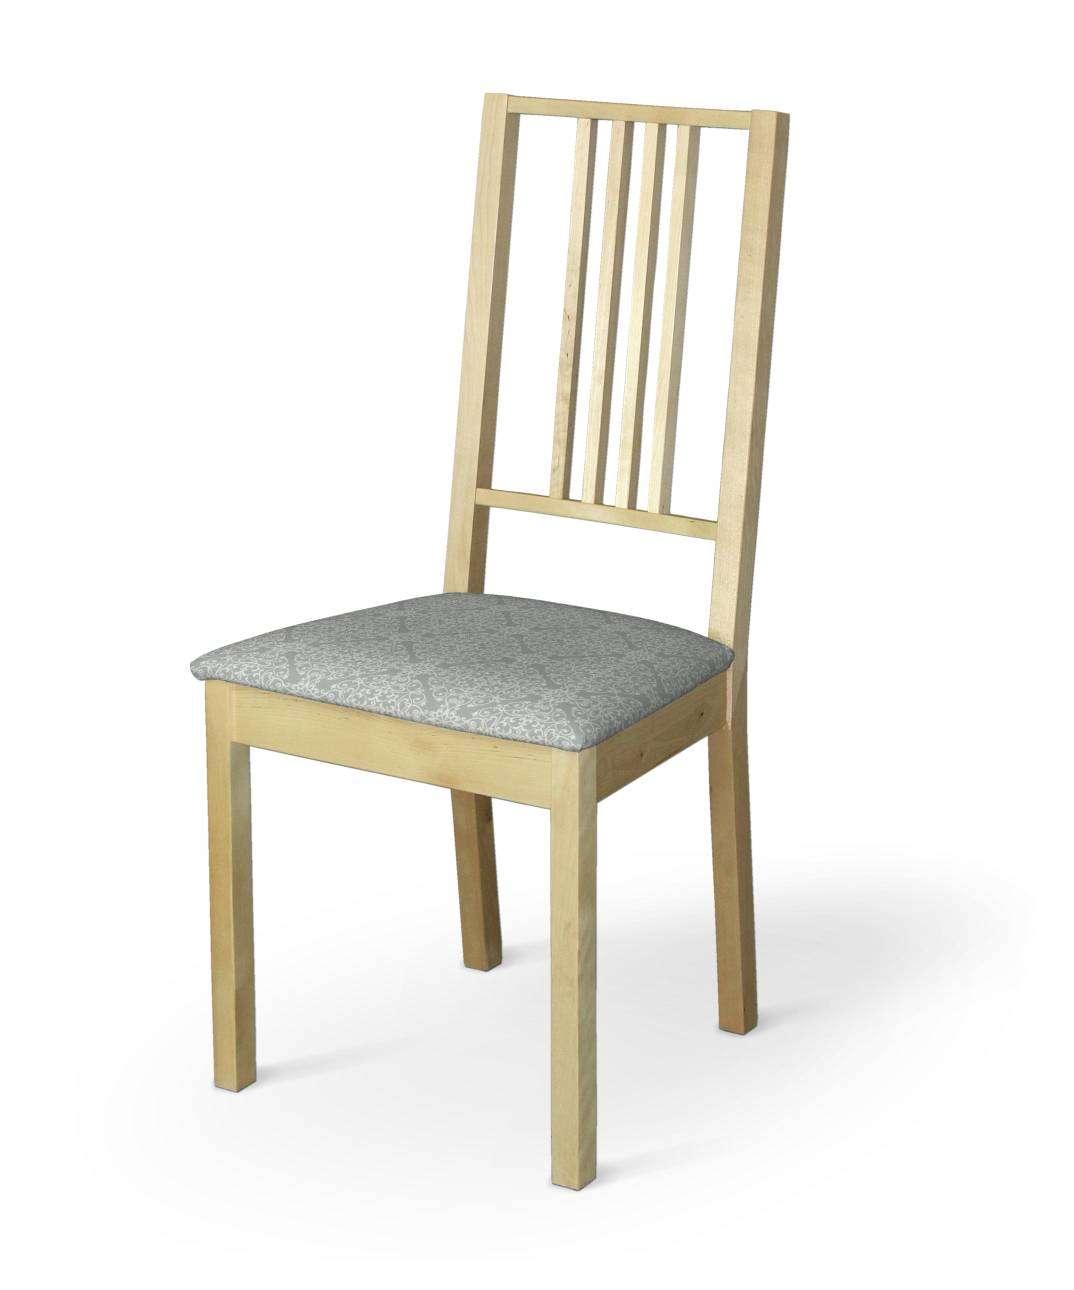 Börje kėdės užvalkalas Börje kėdės užvalkalas kolekcijoje Flowers, audinys: 140-38